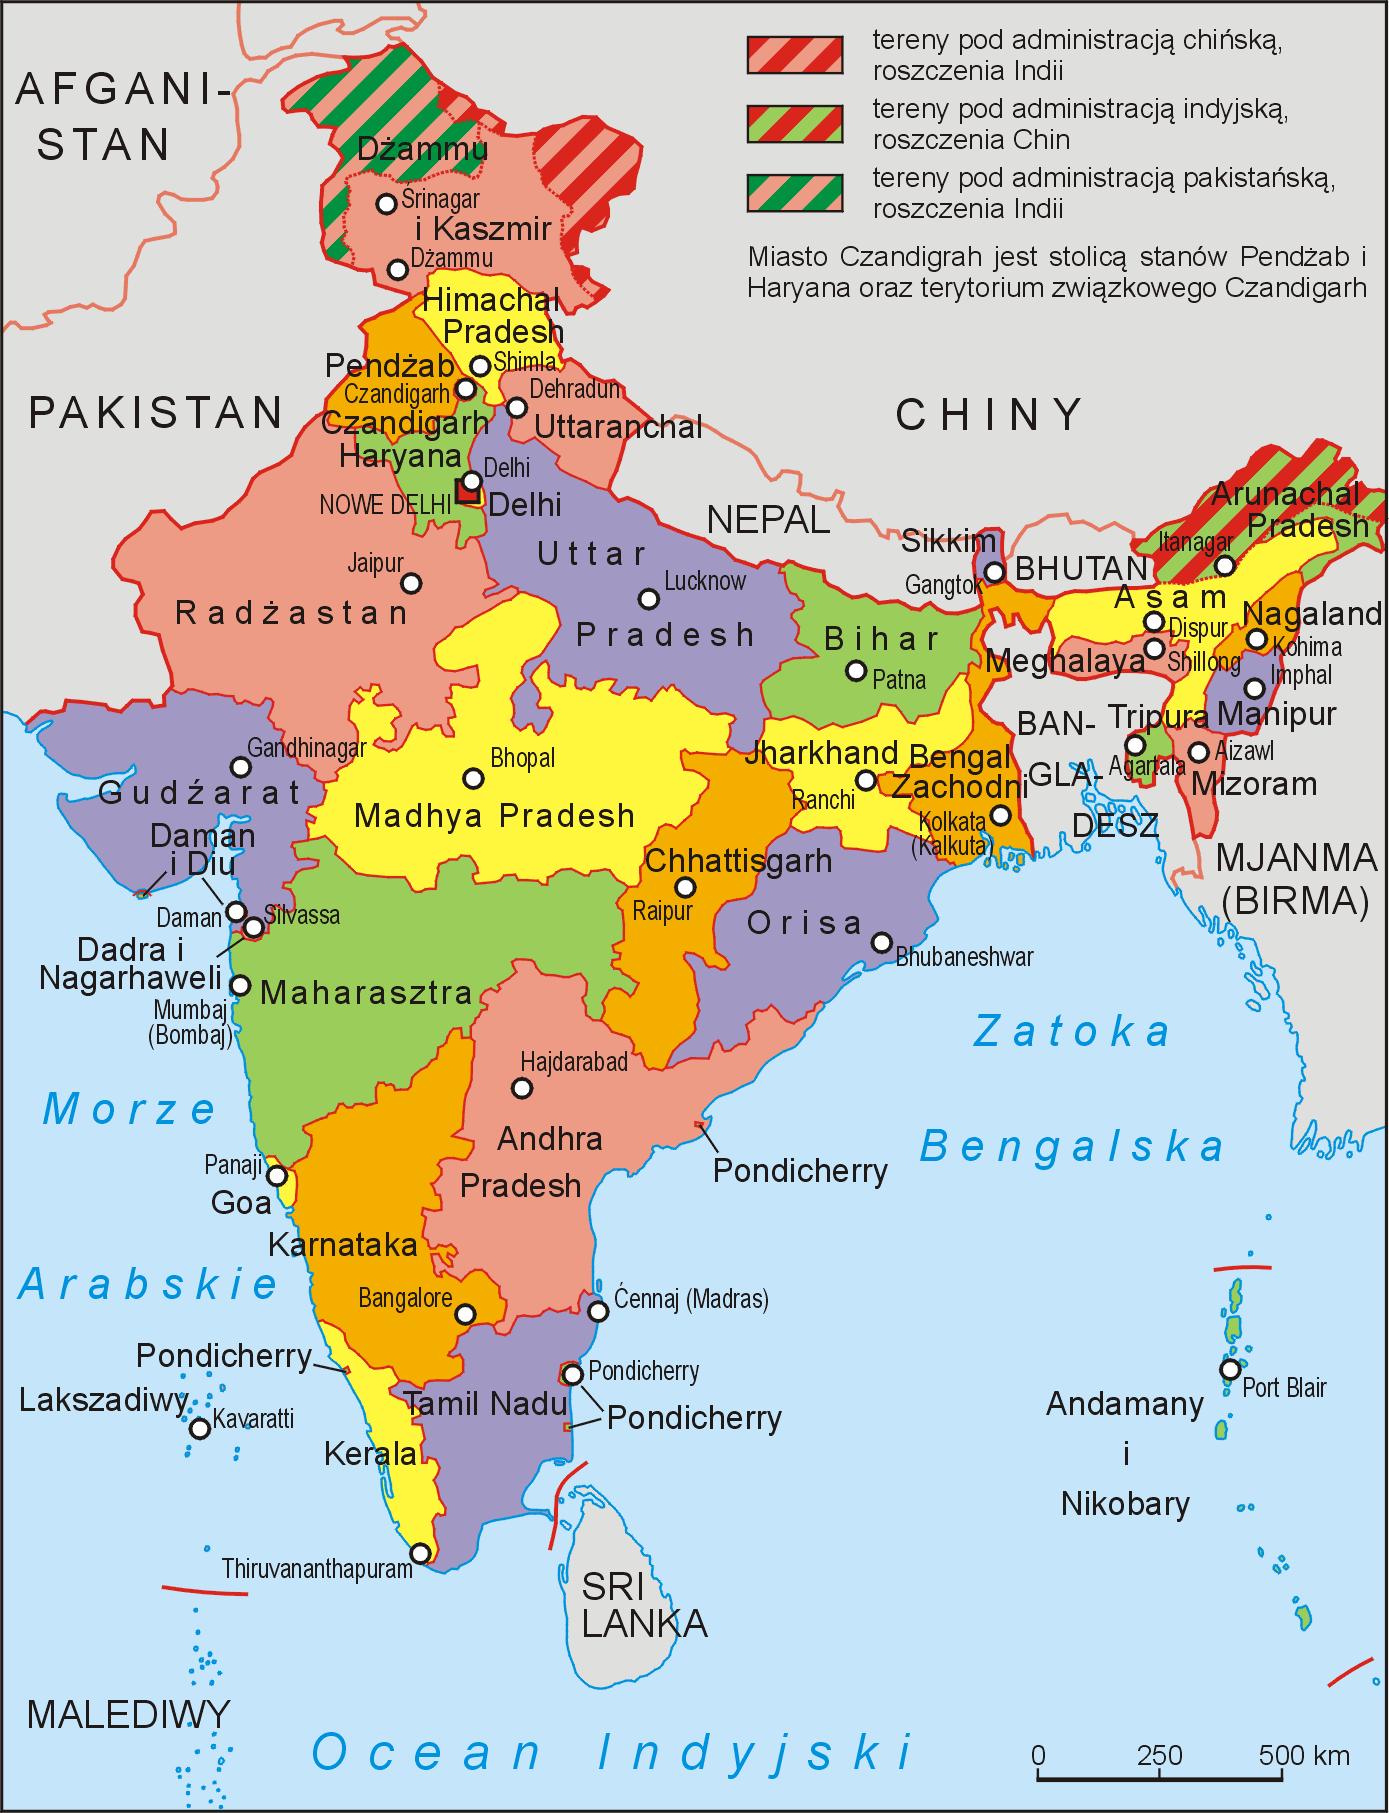 Mapa podziału administracyjnego Indii